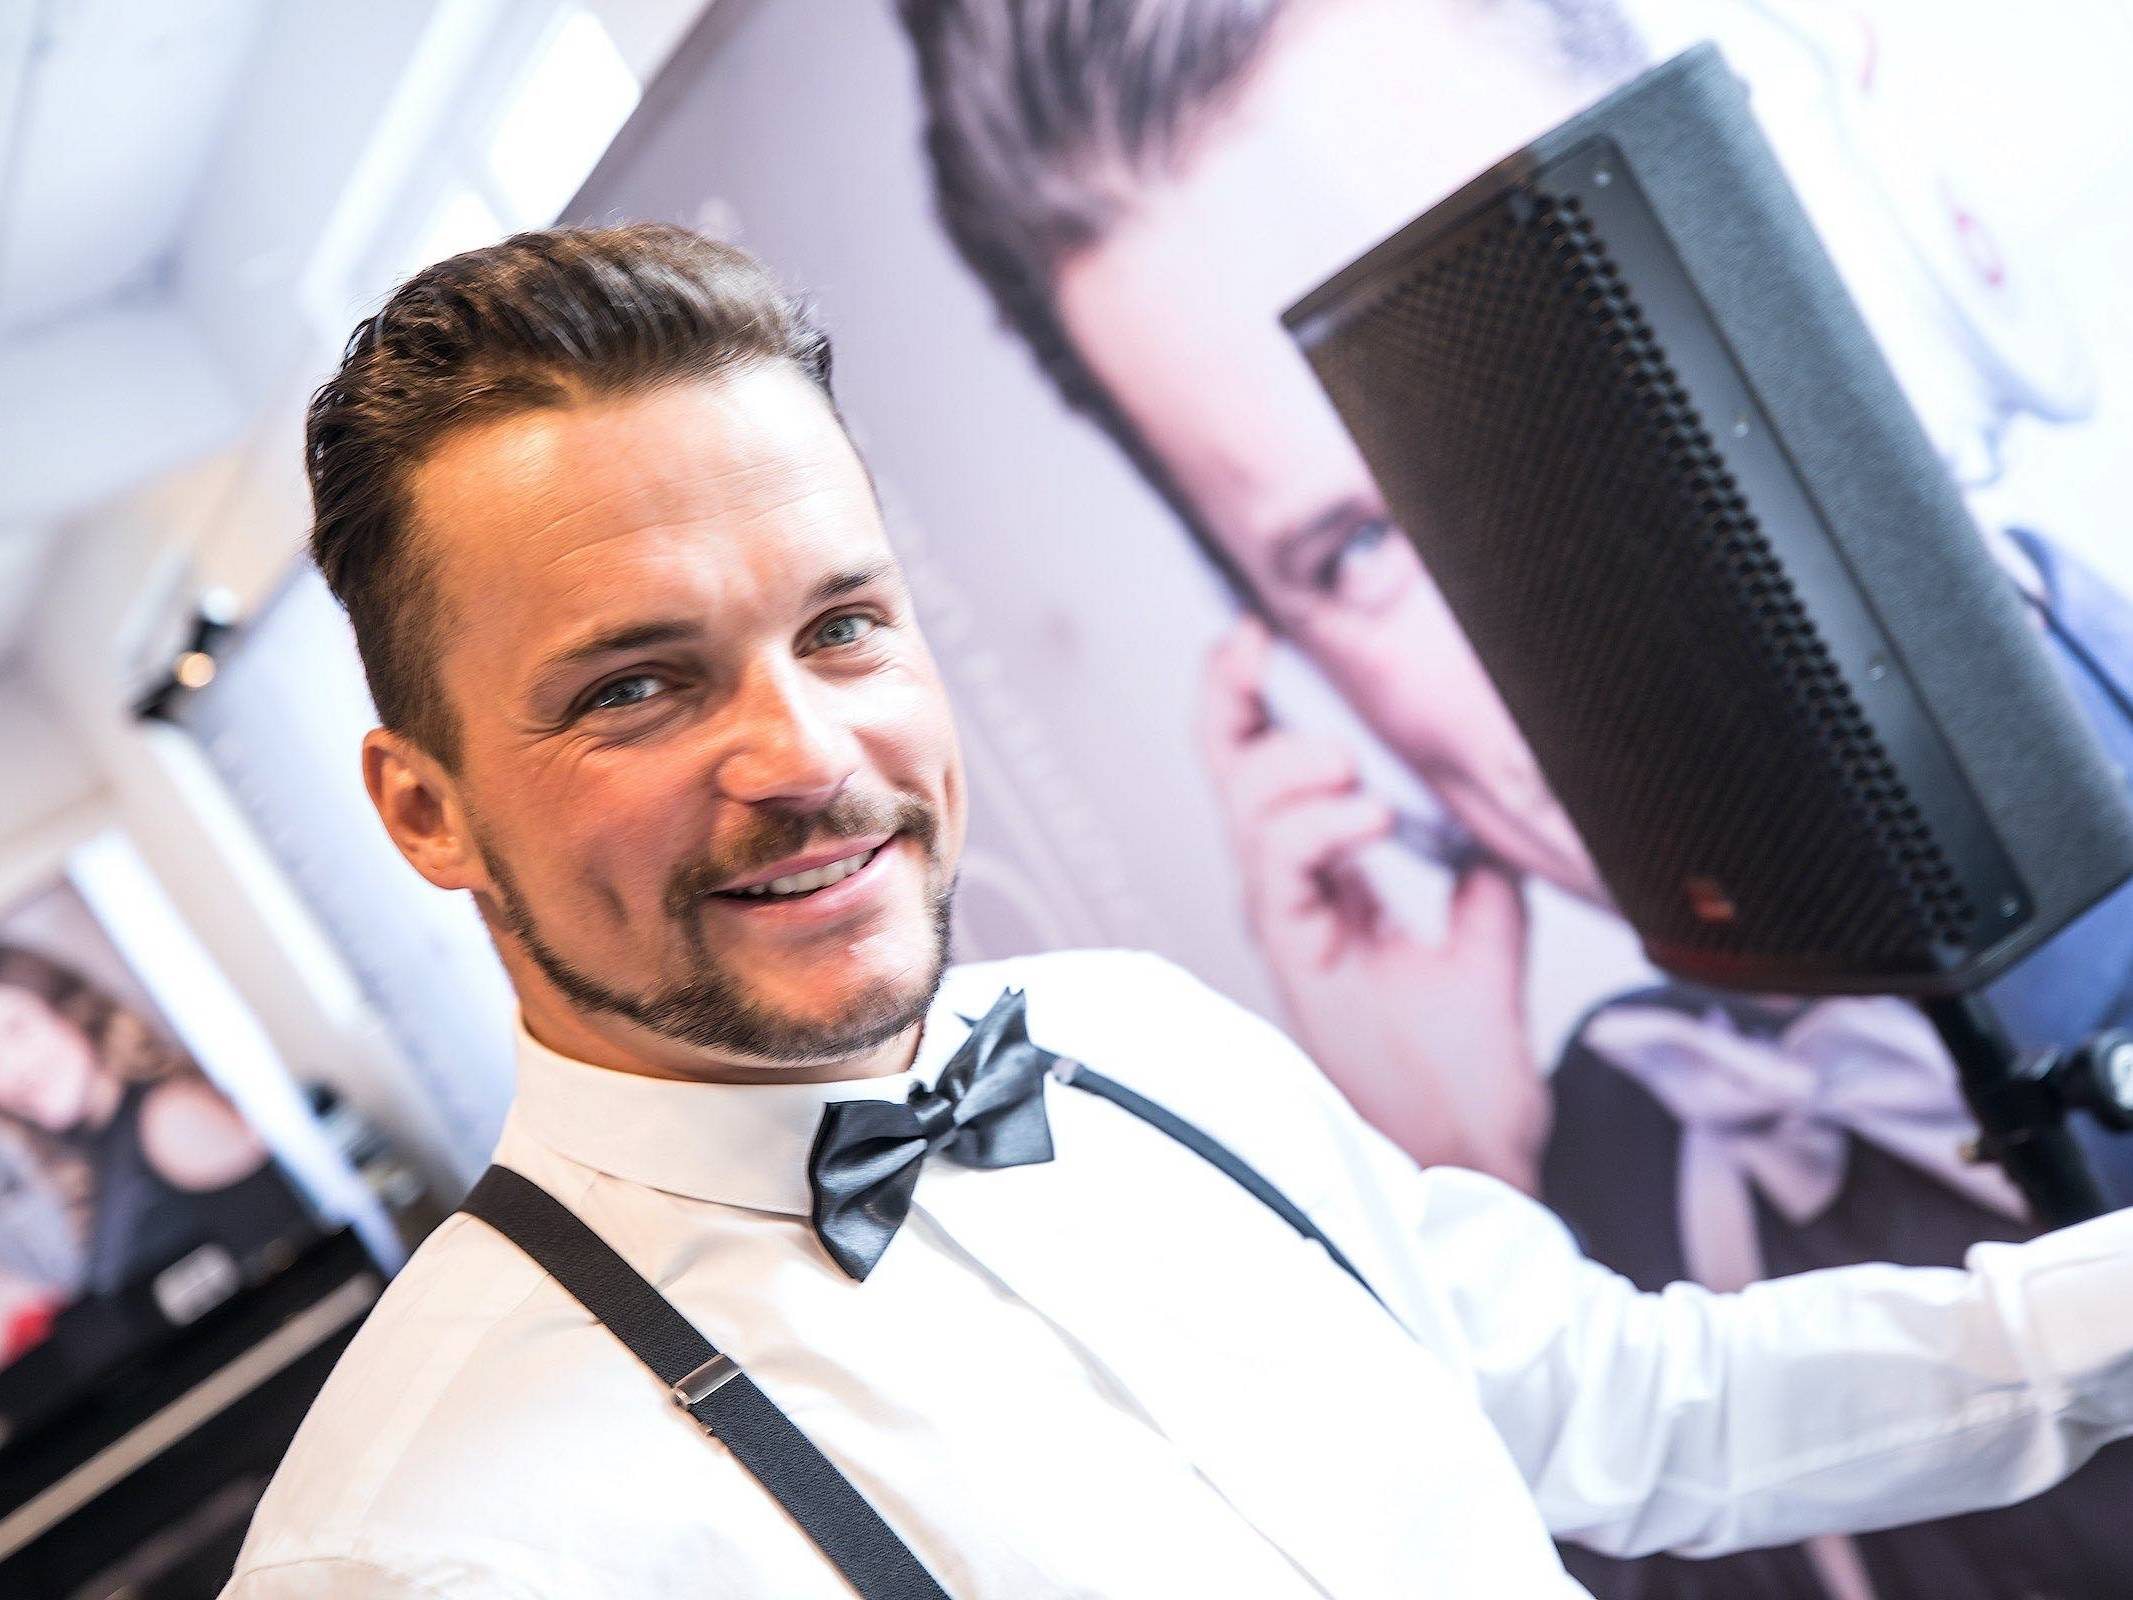 Hochzeits | DJ | Hamburg | Mieten | Buchen | Marco | DJ | Hochzeit | Messe | DJ | Event | DJ | Geburtstag | DJ | Betriebsfeier | DJ | Buchen | Discjockey | Mieten | DJ | Agentur | Hamburgfeiert